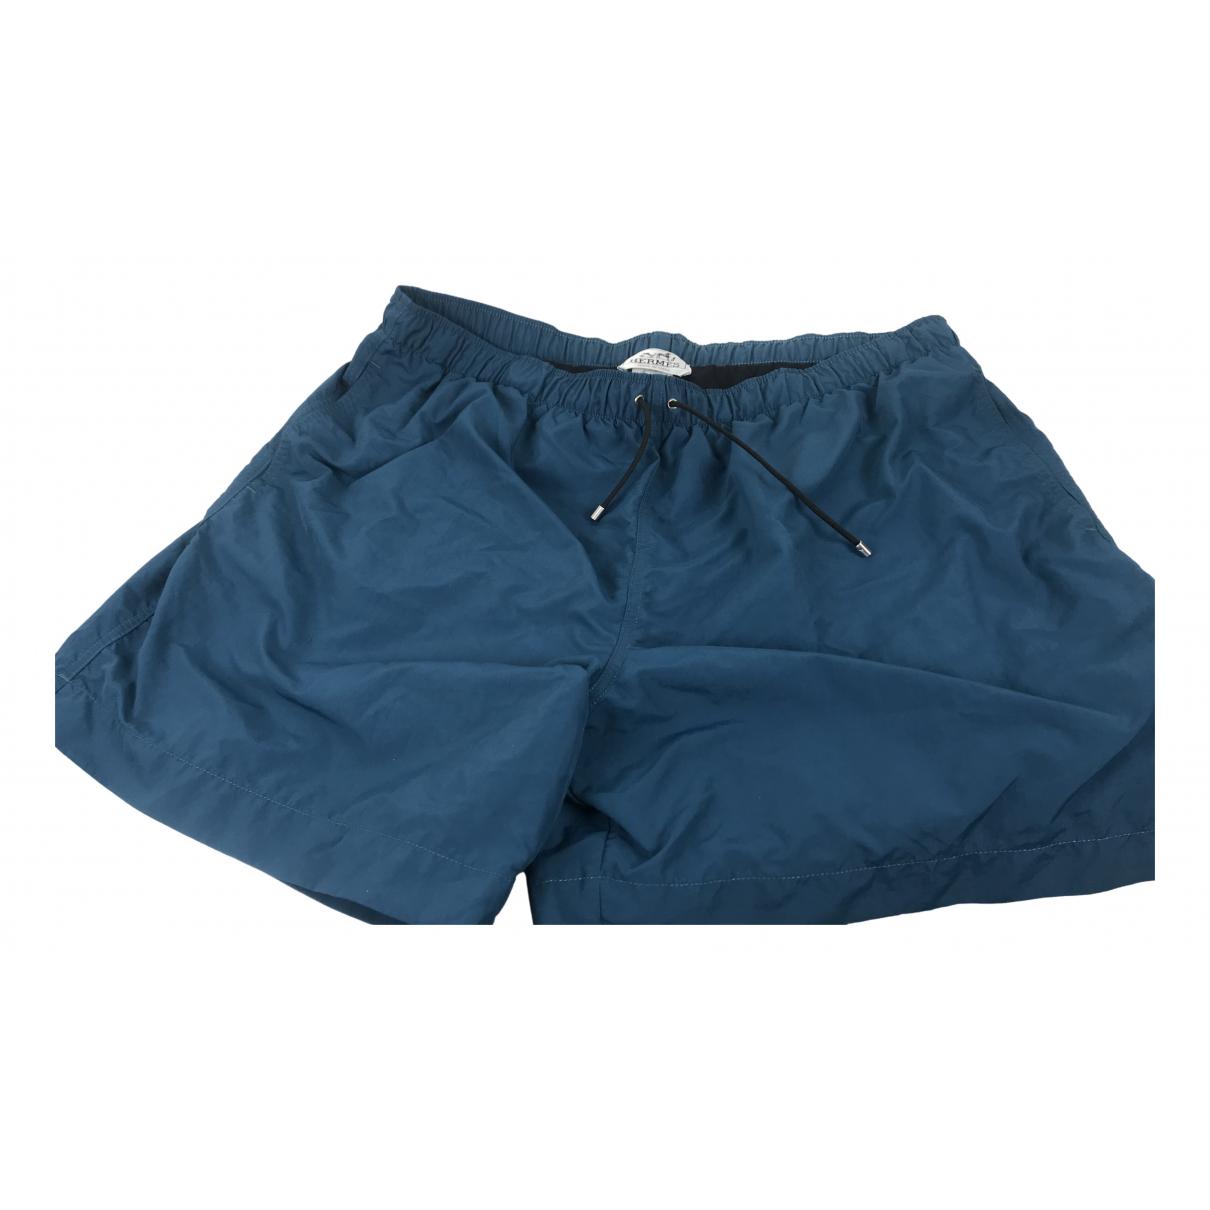 Hermes - Bain   pour homme en coton - elasthane - bleu